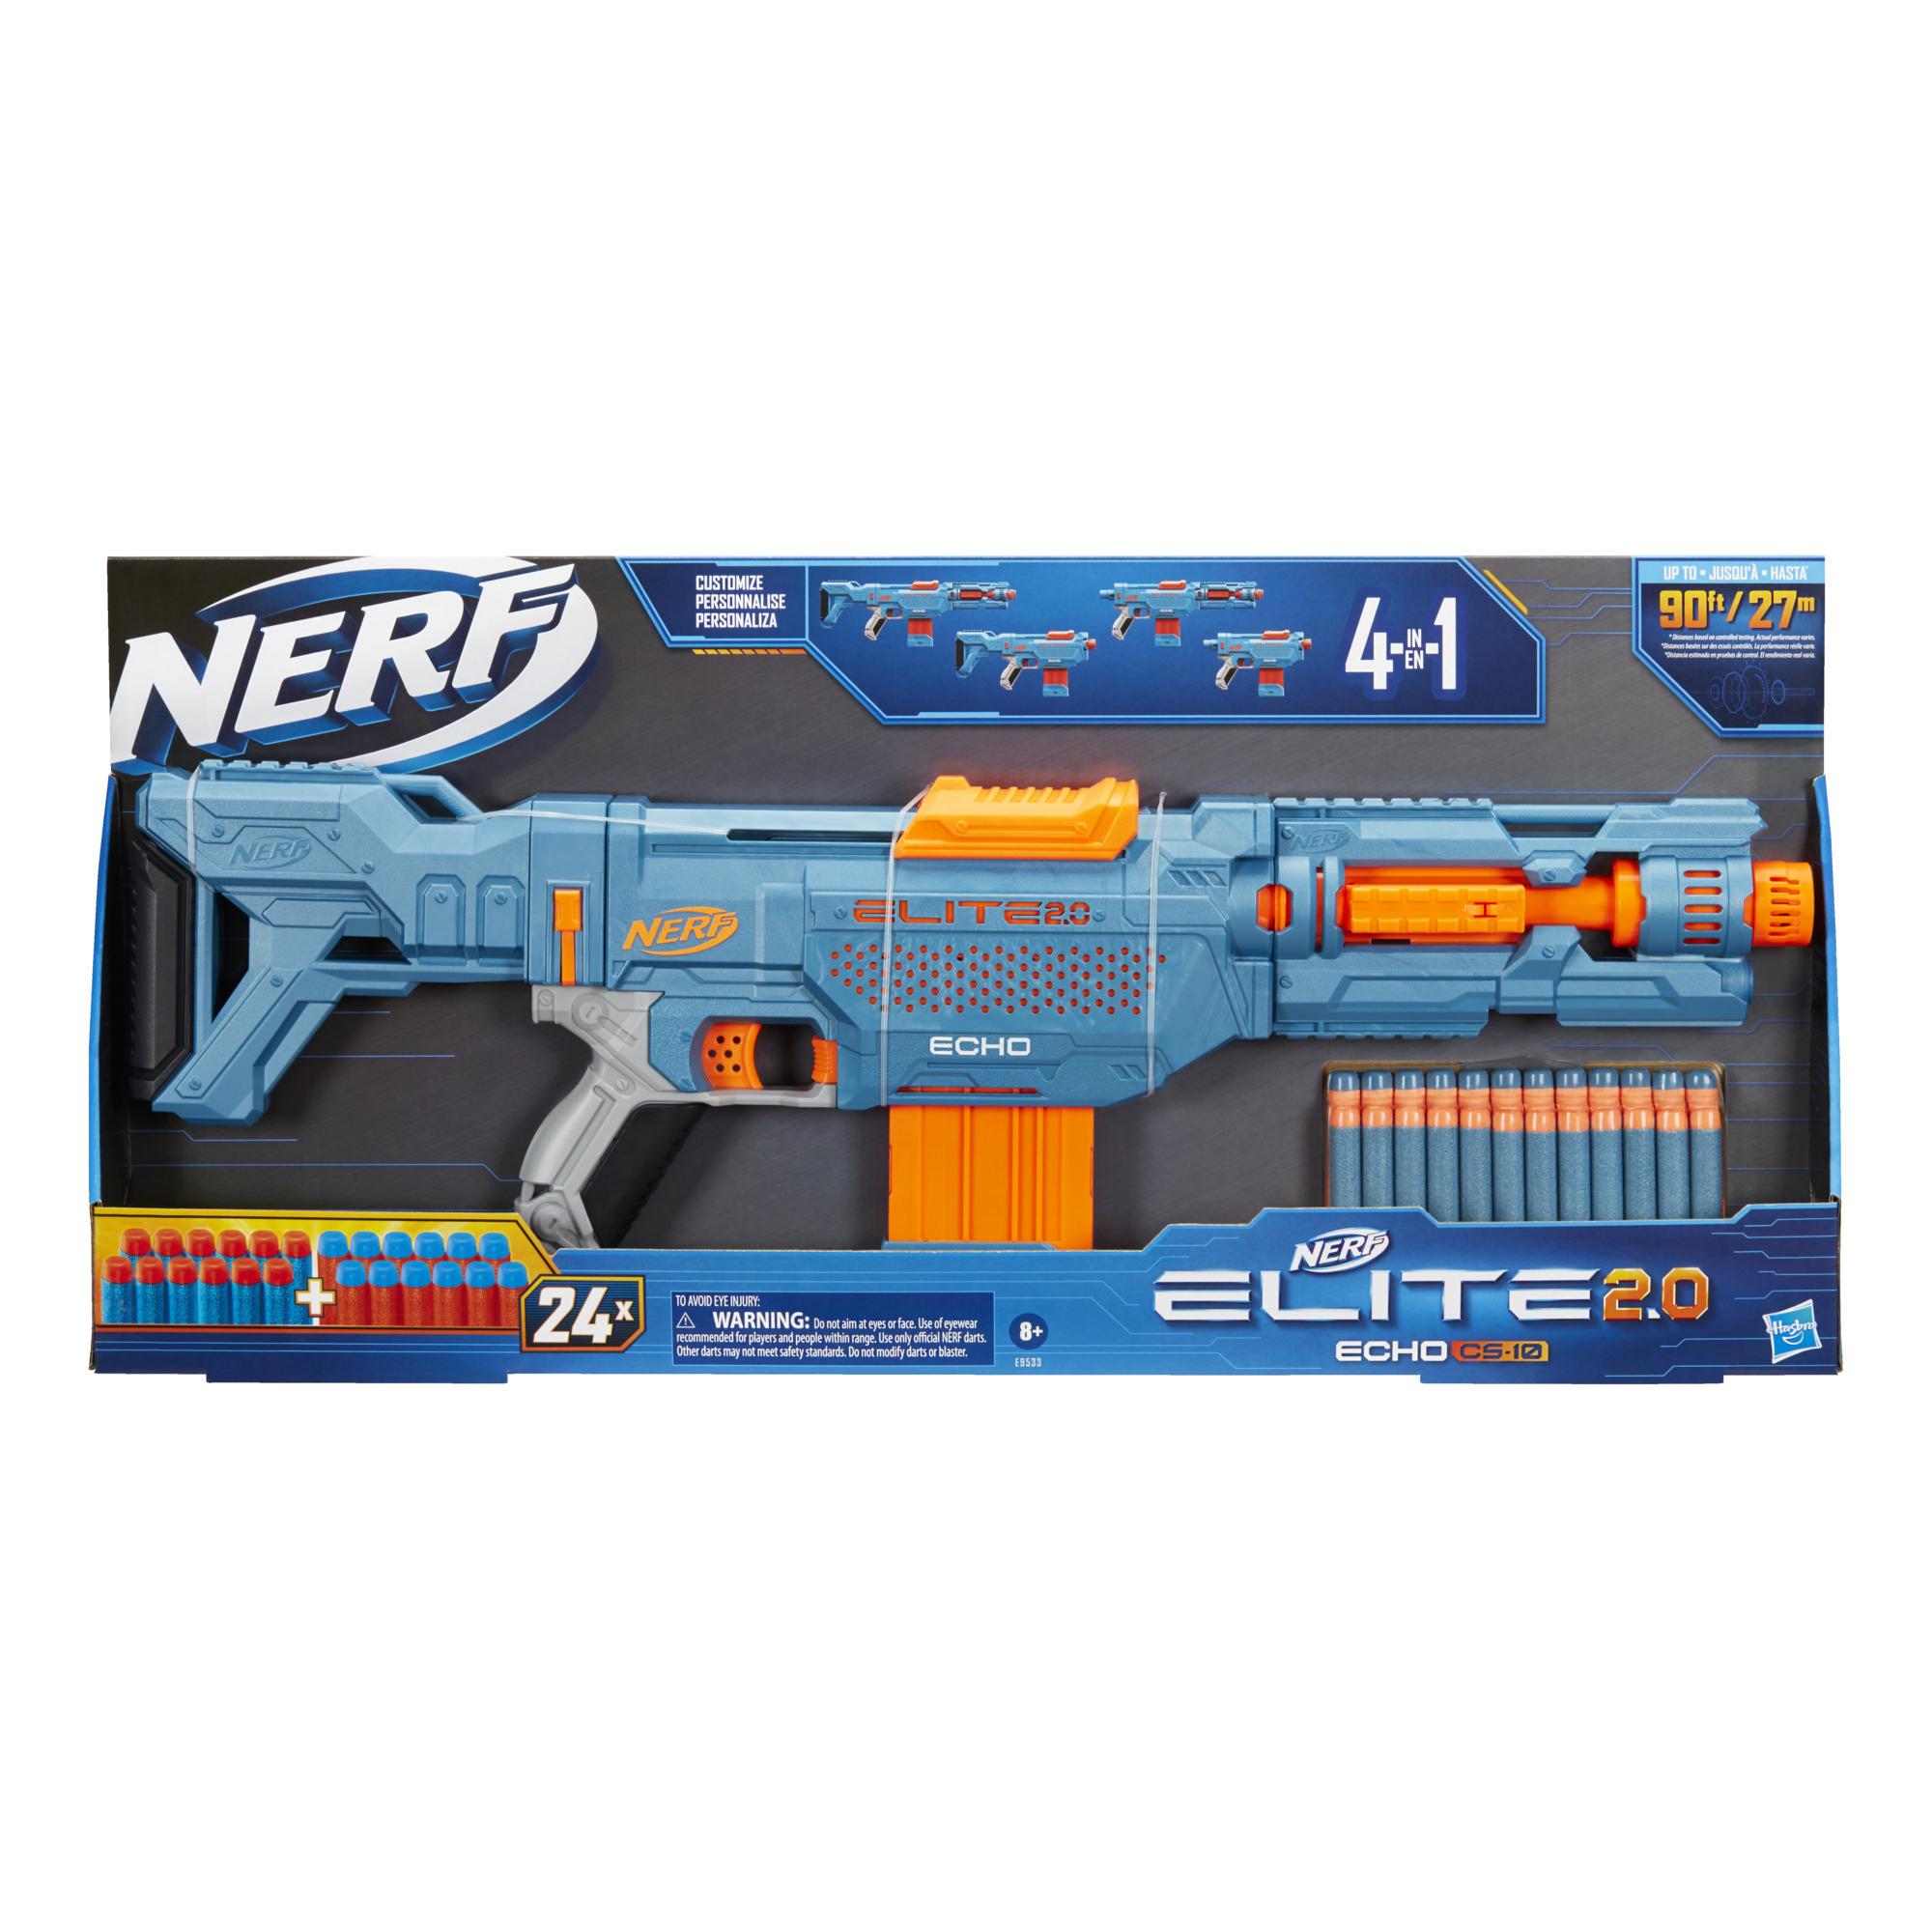 Nerf Elite 2.0 Echo CS-10 - 24 dardos Nerf, clip de 10 dardos, culata desmontable, extensión del cañón, 4 rieles tácticos